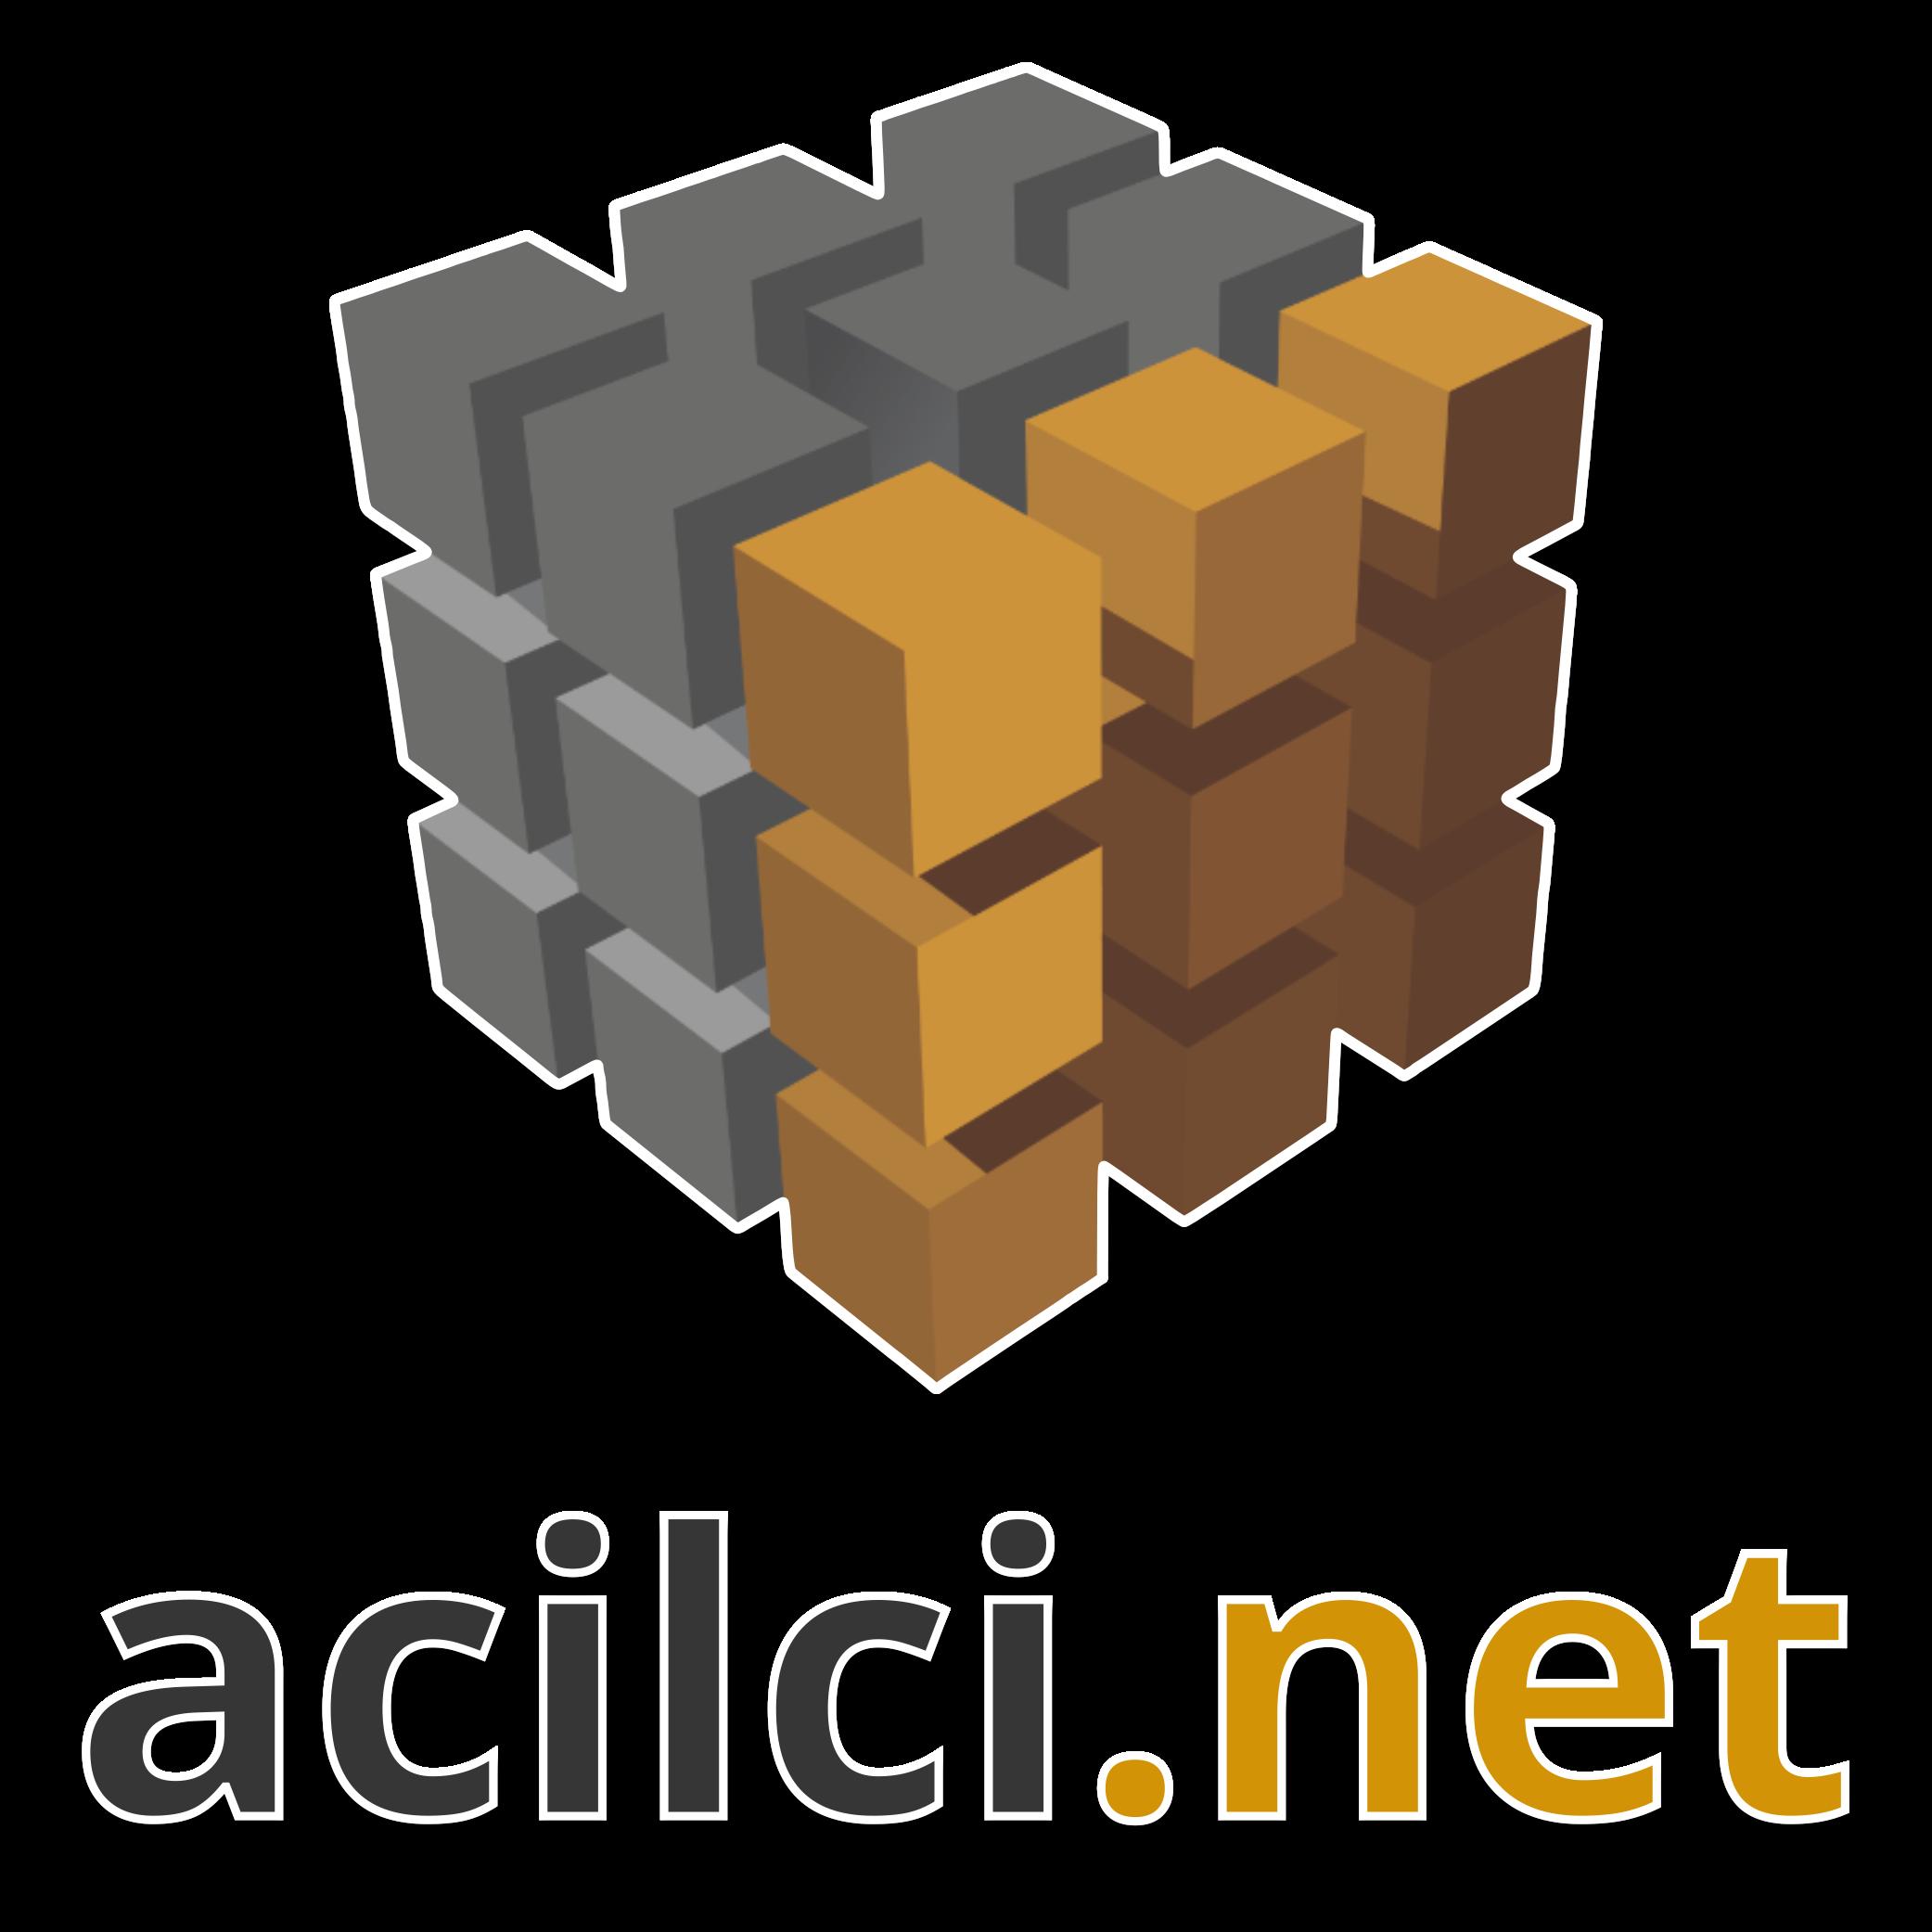 Acilci.Net Podcast